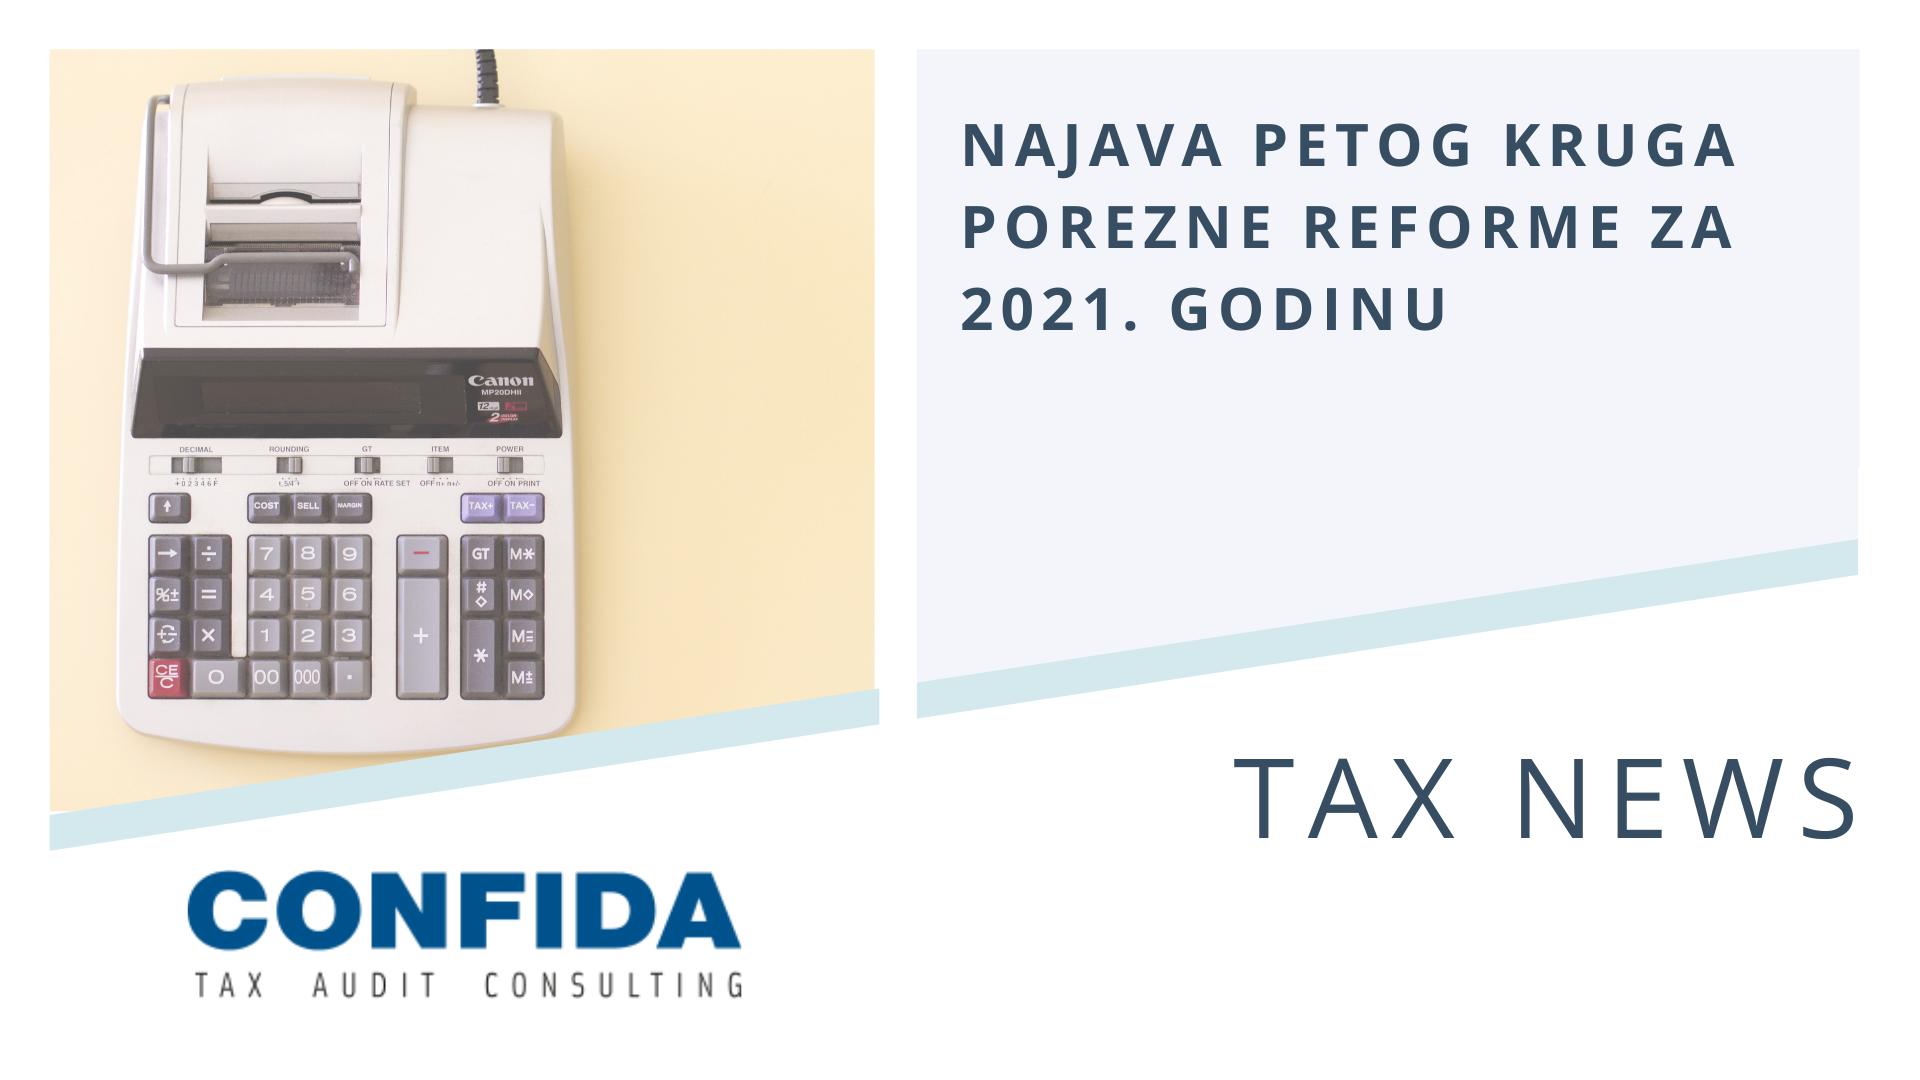 Najava petog kruga porezne reforme za 2021. godinu